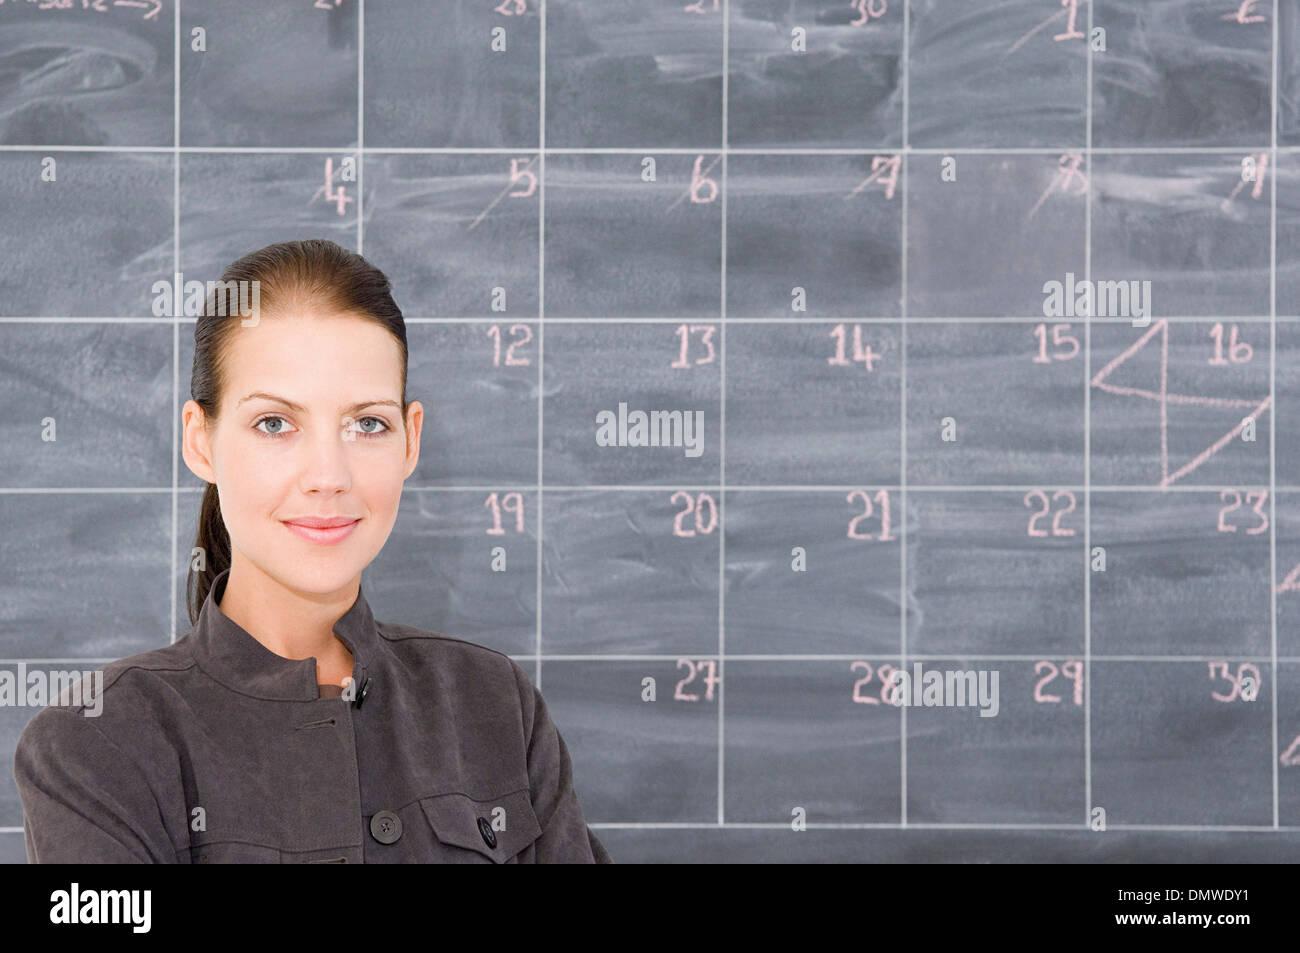 Una joven mujer delante de una pizarra, señalado como una calandria. Imagen De Stock